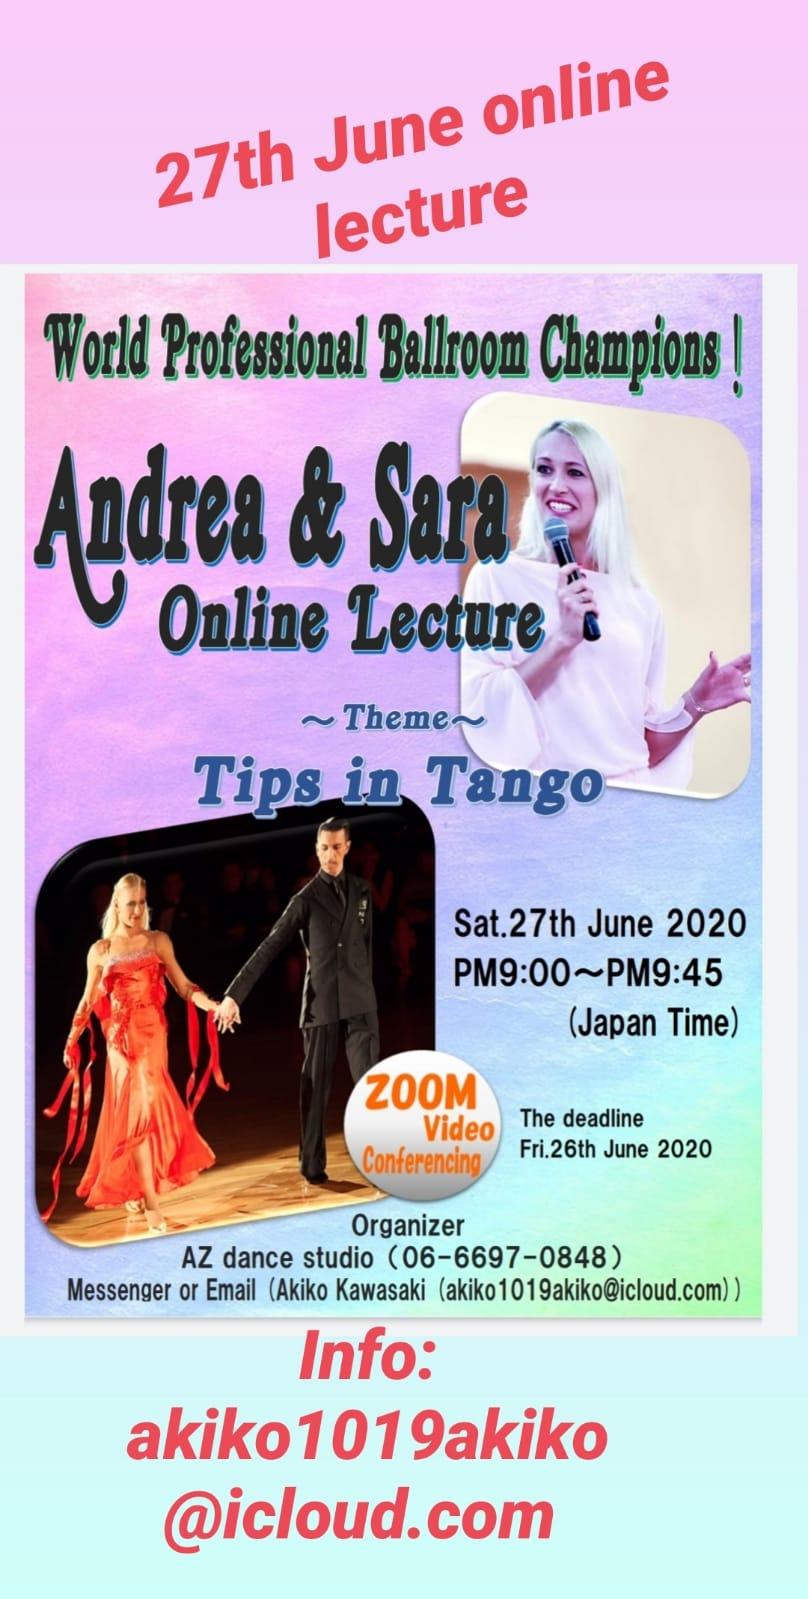 andrea-sara-tips-tango